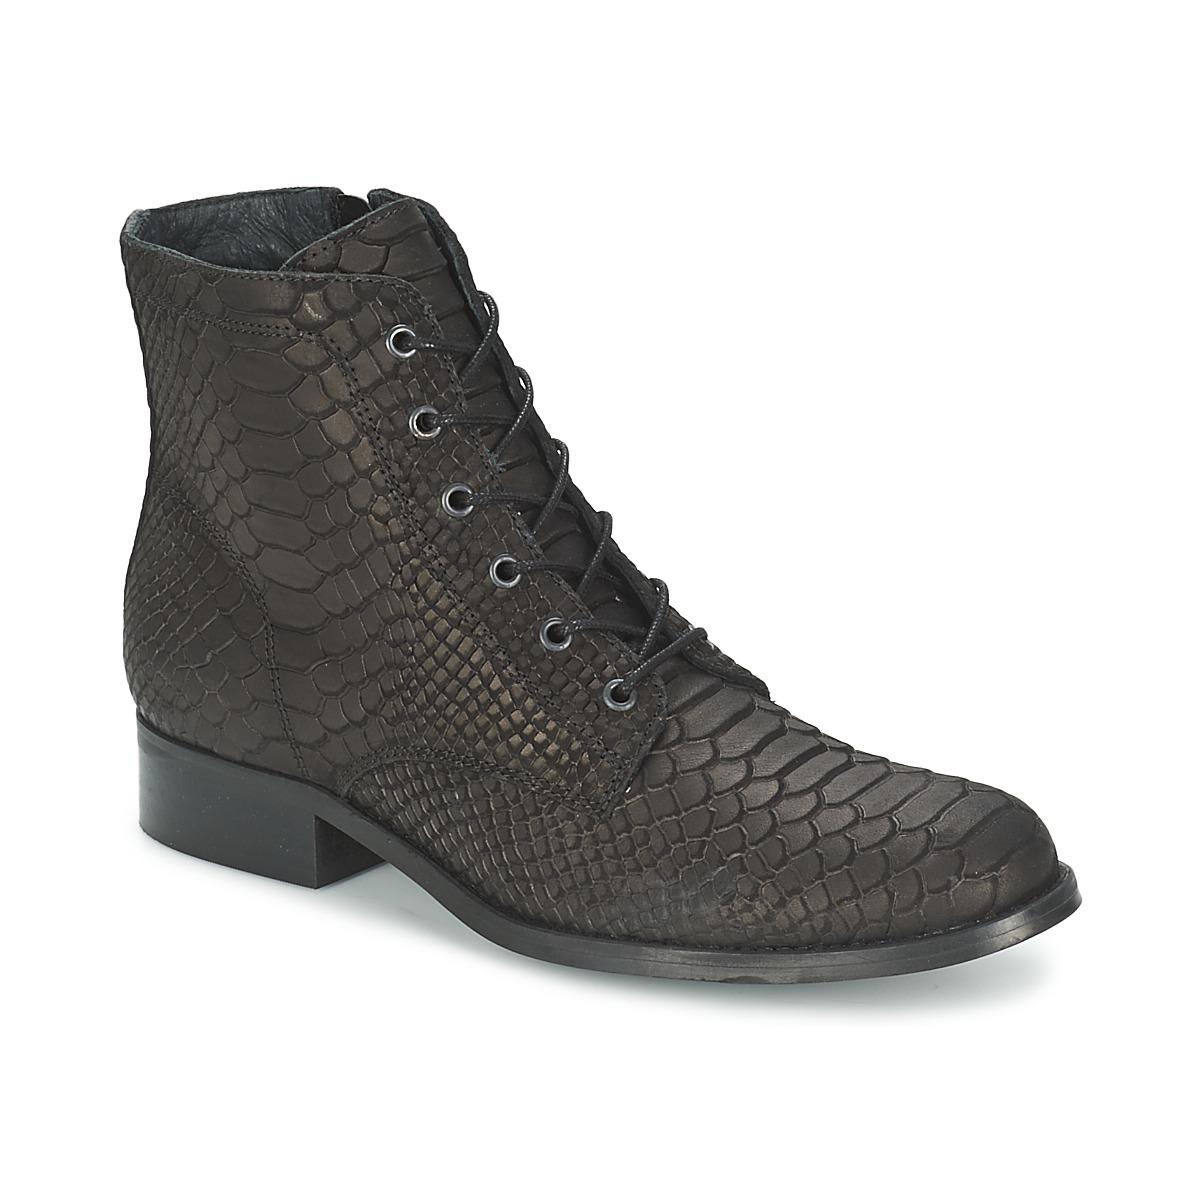 Shoe Biz MOLETTA Schwarz - Kostenloser Versand bei Spartoode ! - Schuhe Boots Damen 69,50 €